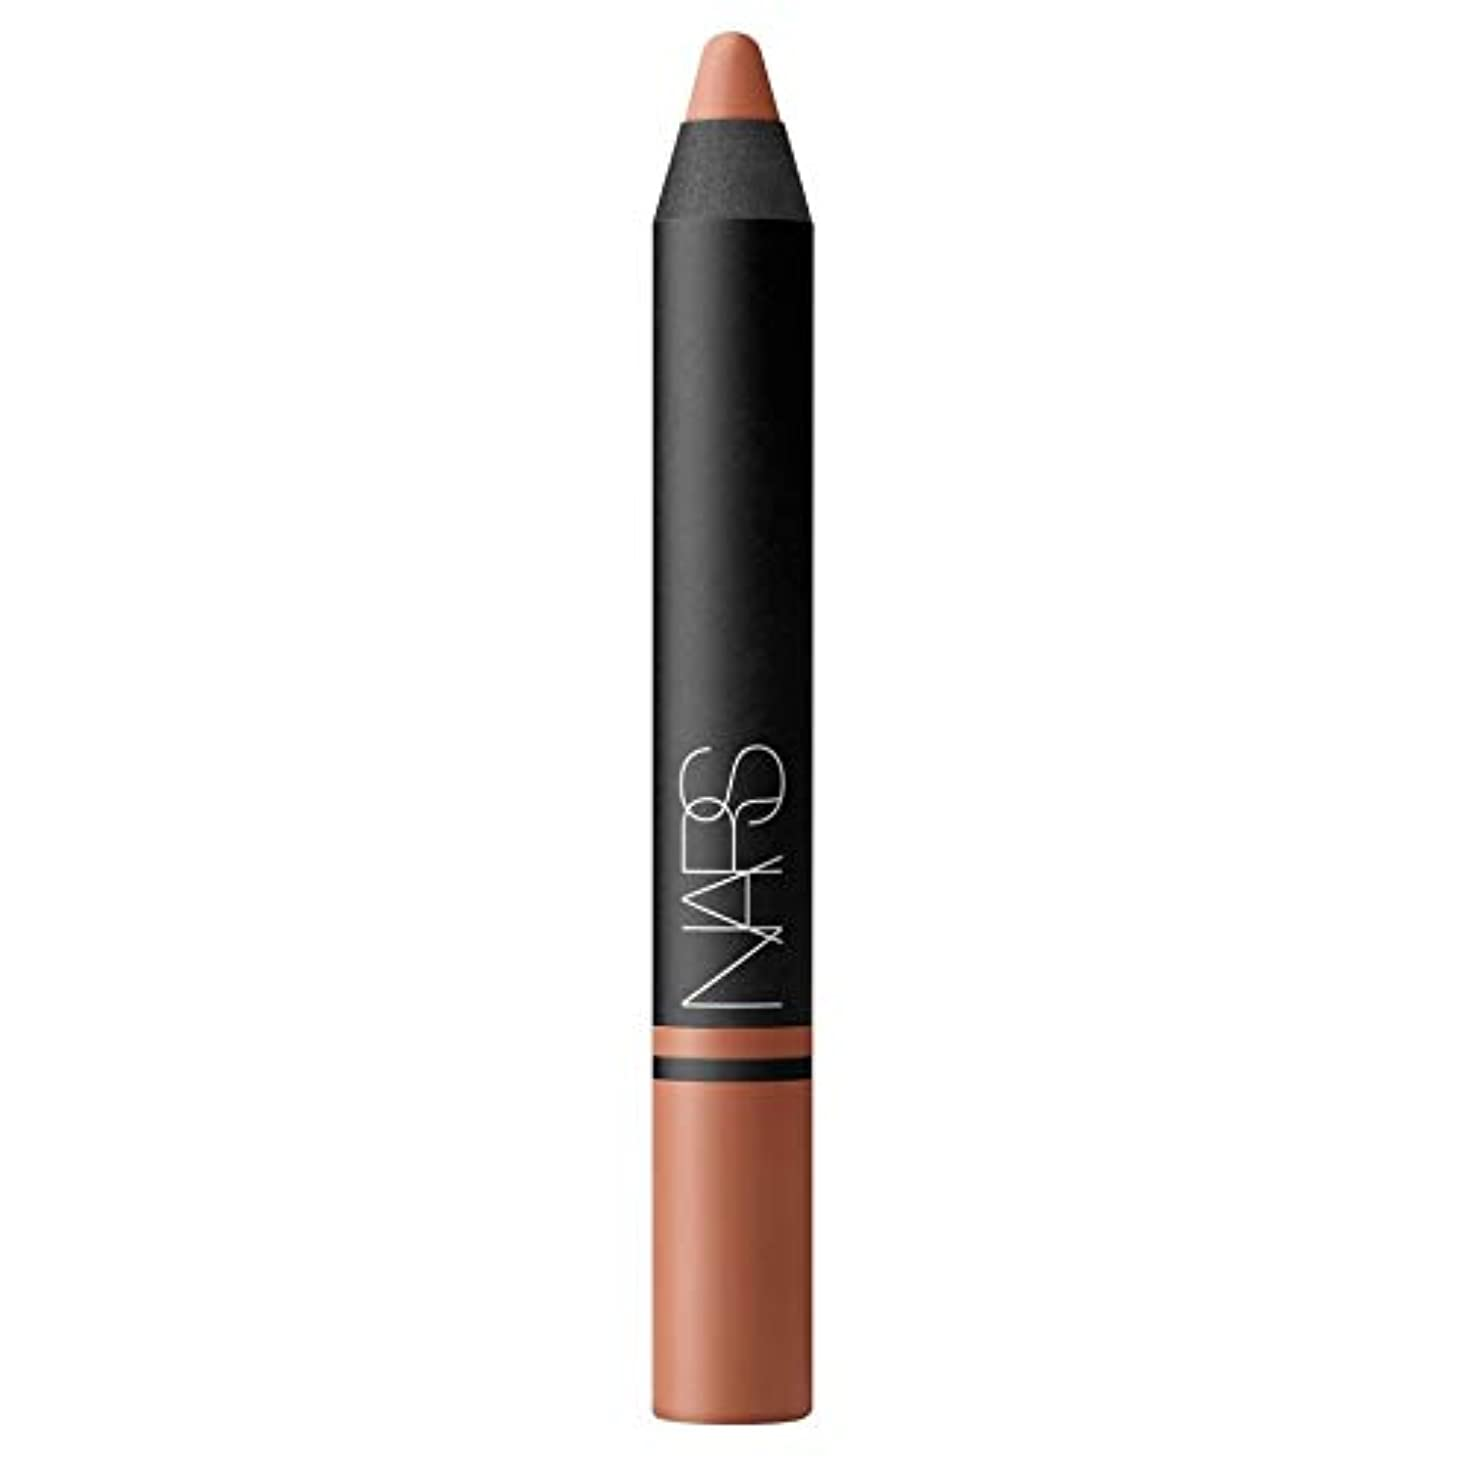 日付硫黄チャールズキージング[NARS] ベッラ島でのNarサテンリップペンシル - Nars Satin Lip Pencil in Isola Bella [並行輸入品]